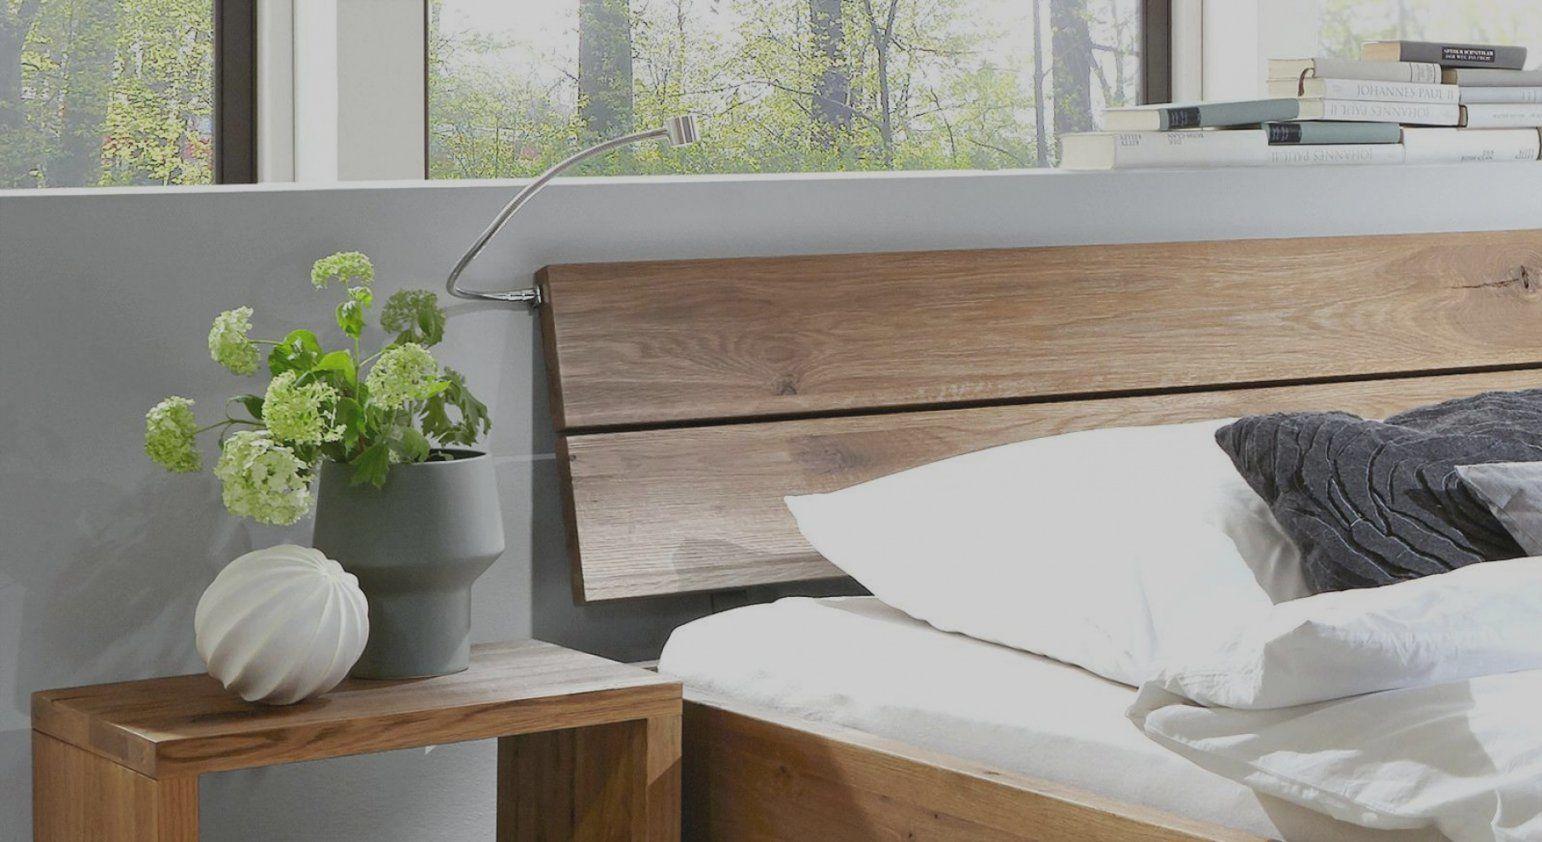 Wunderbare Kopfteil Bett Selber Bauen Für S Textilsucht Von von Kopfteil Für Bett Selber Bauen Bild